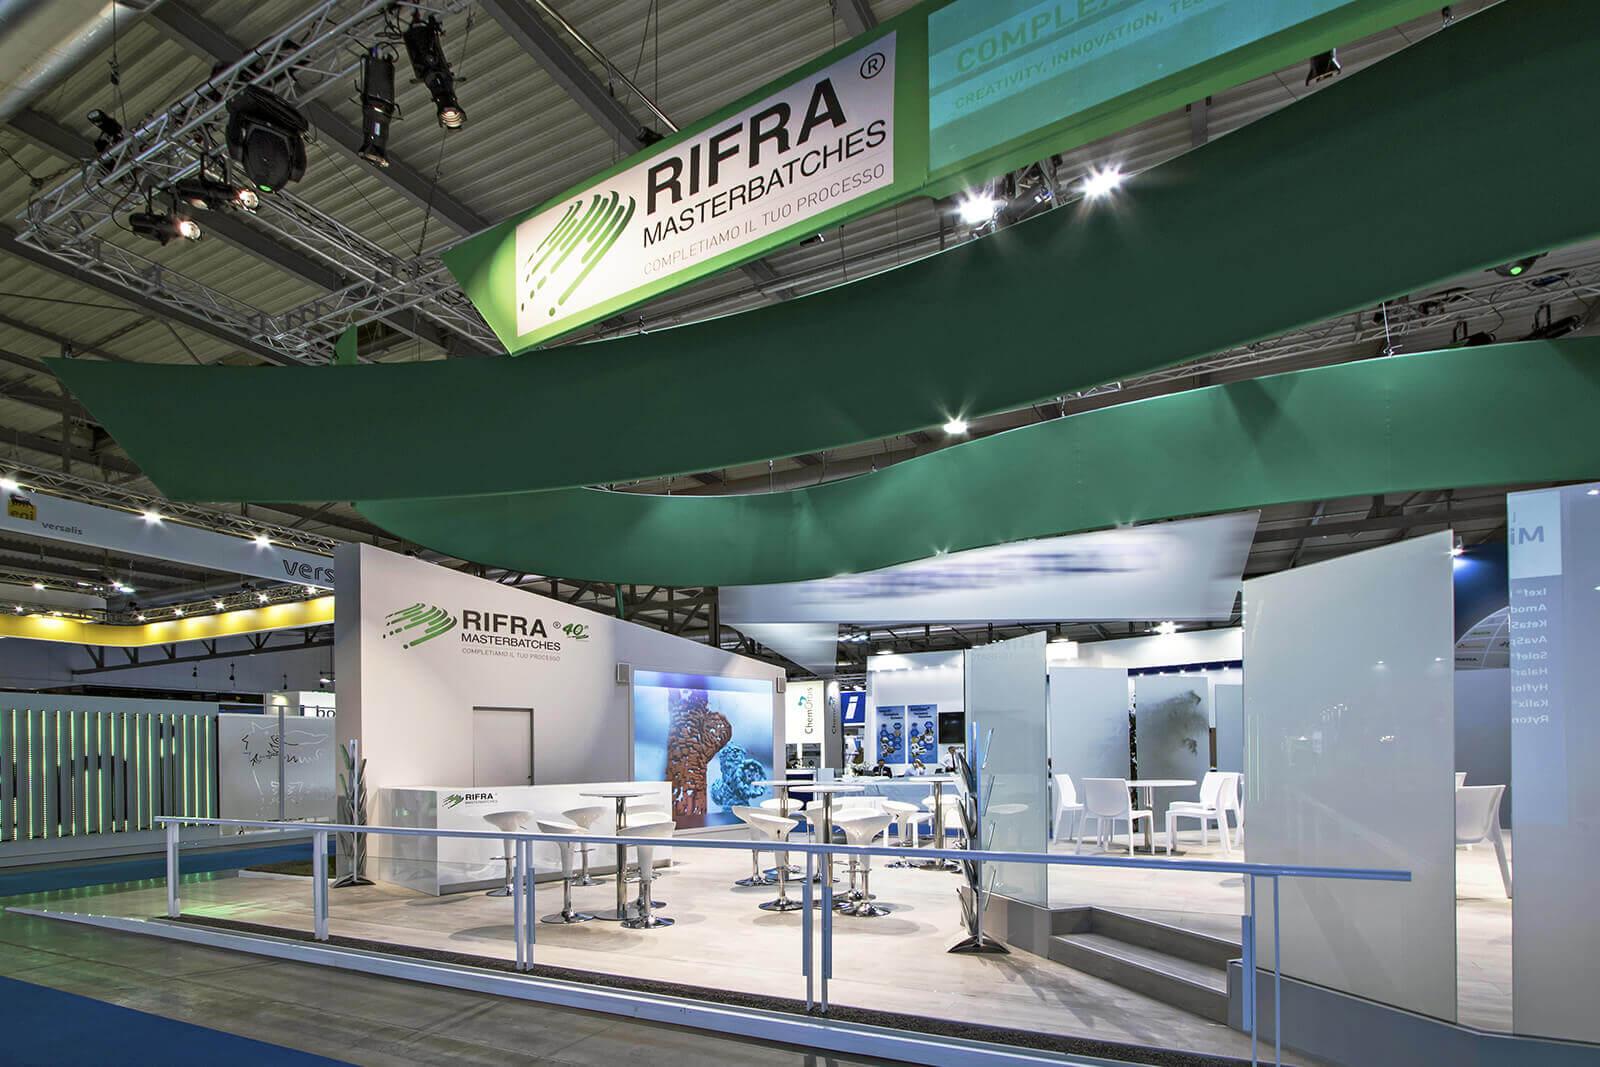 Rifra Plast Milano 2018